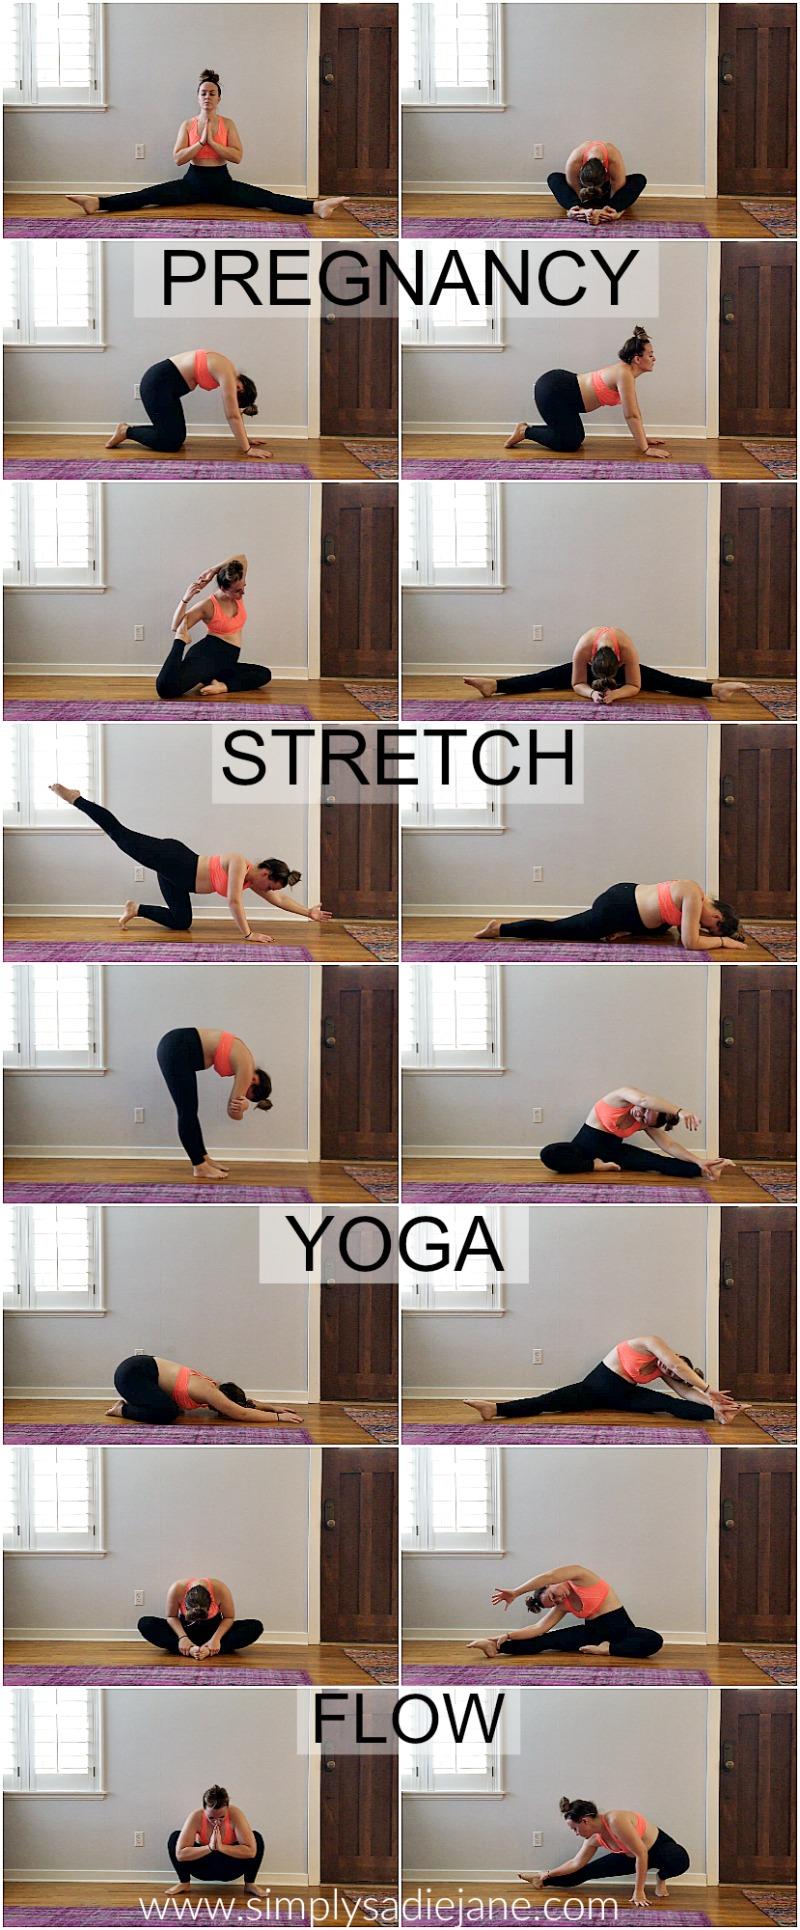 pregnancy stretching yoga flow